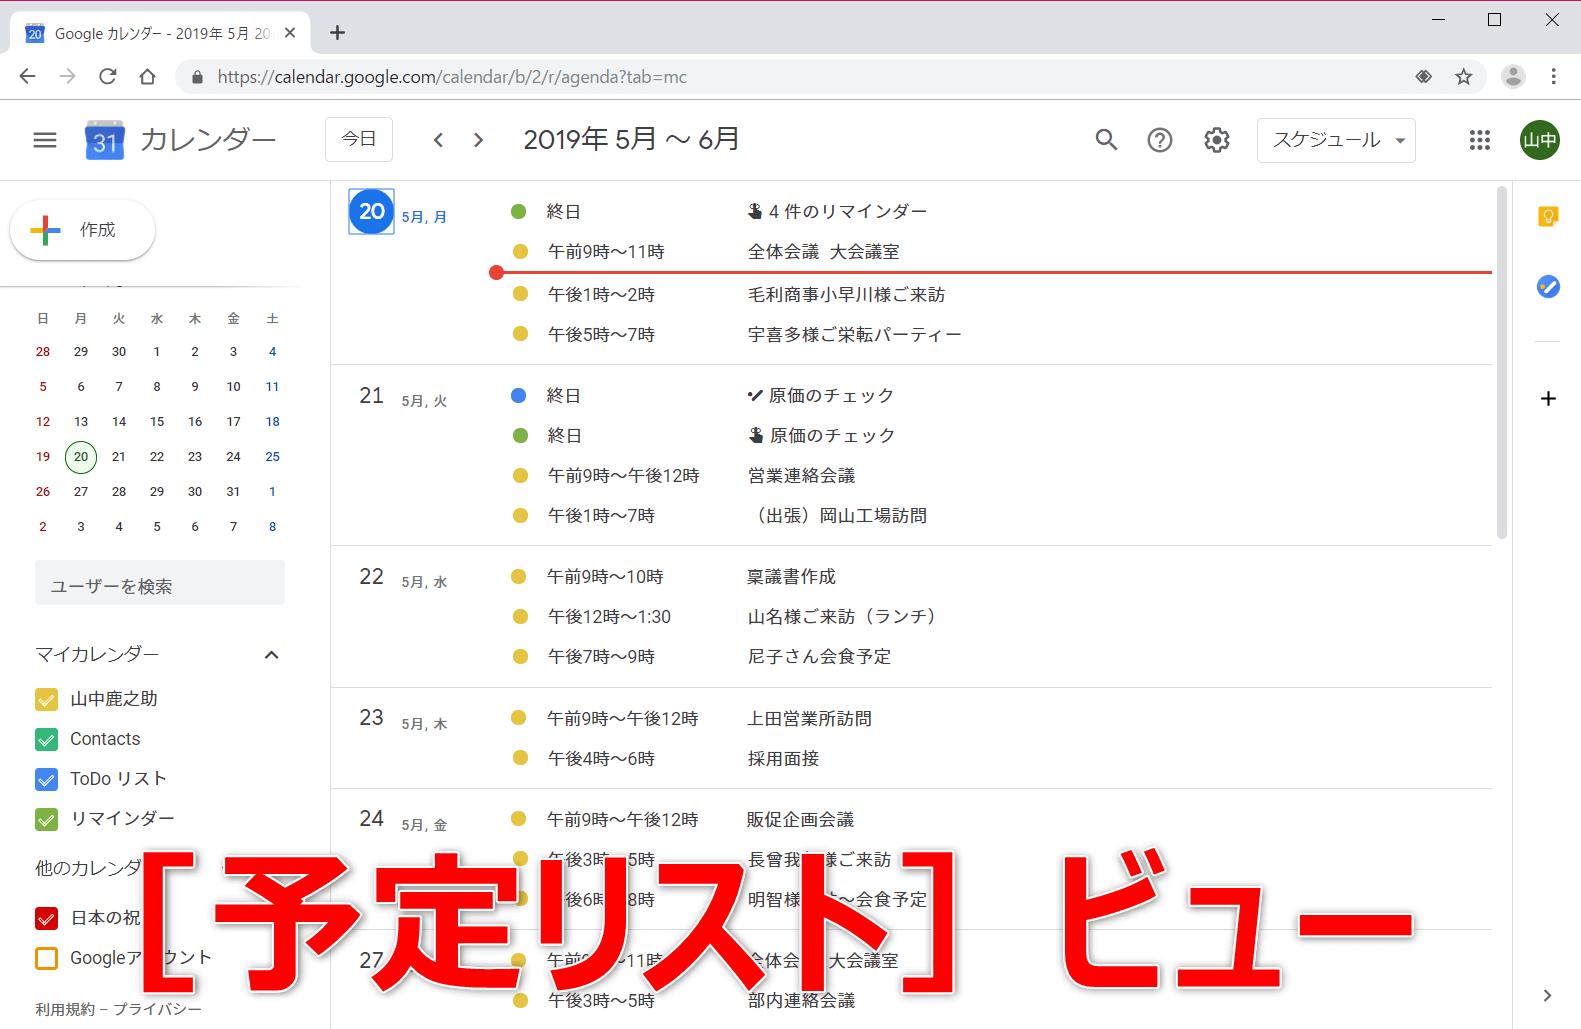 Googleカレンダー(グーグルカレンダー)の「予定リスト」ビューの画面